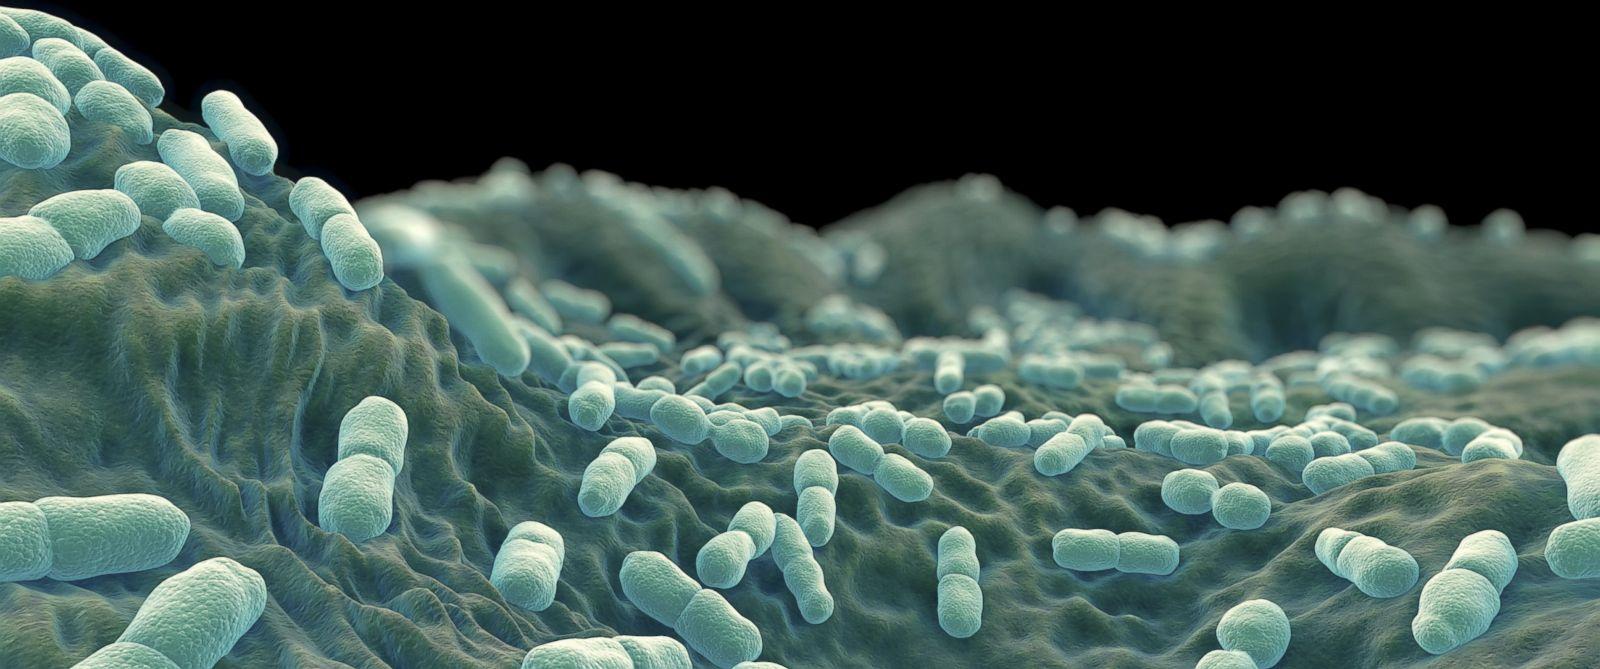 PHOTO: Listeria Bacteria